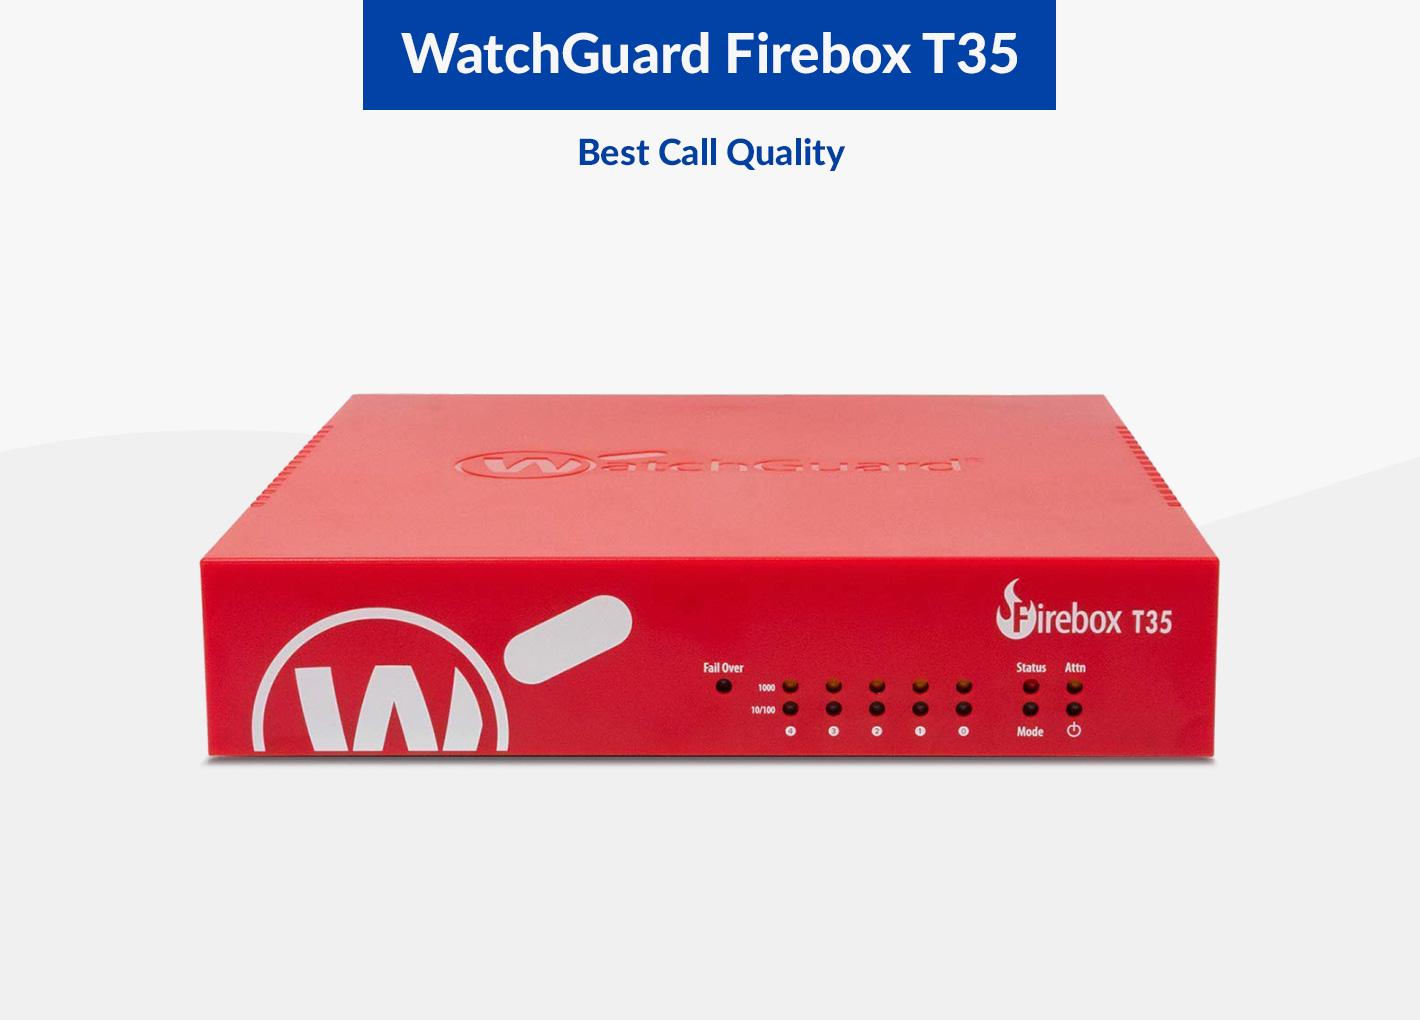 Watchguard Firebox T35